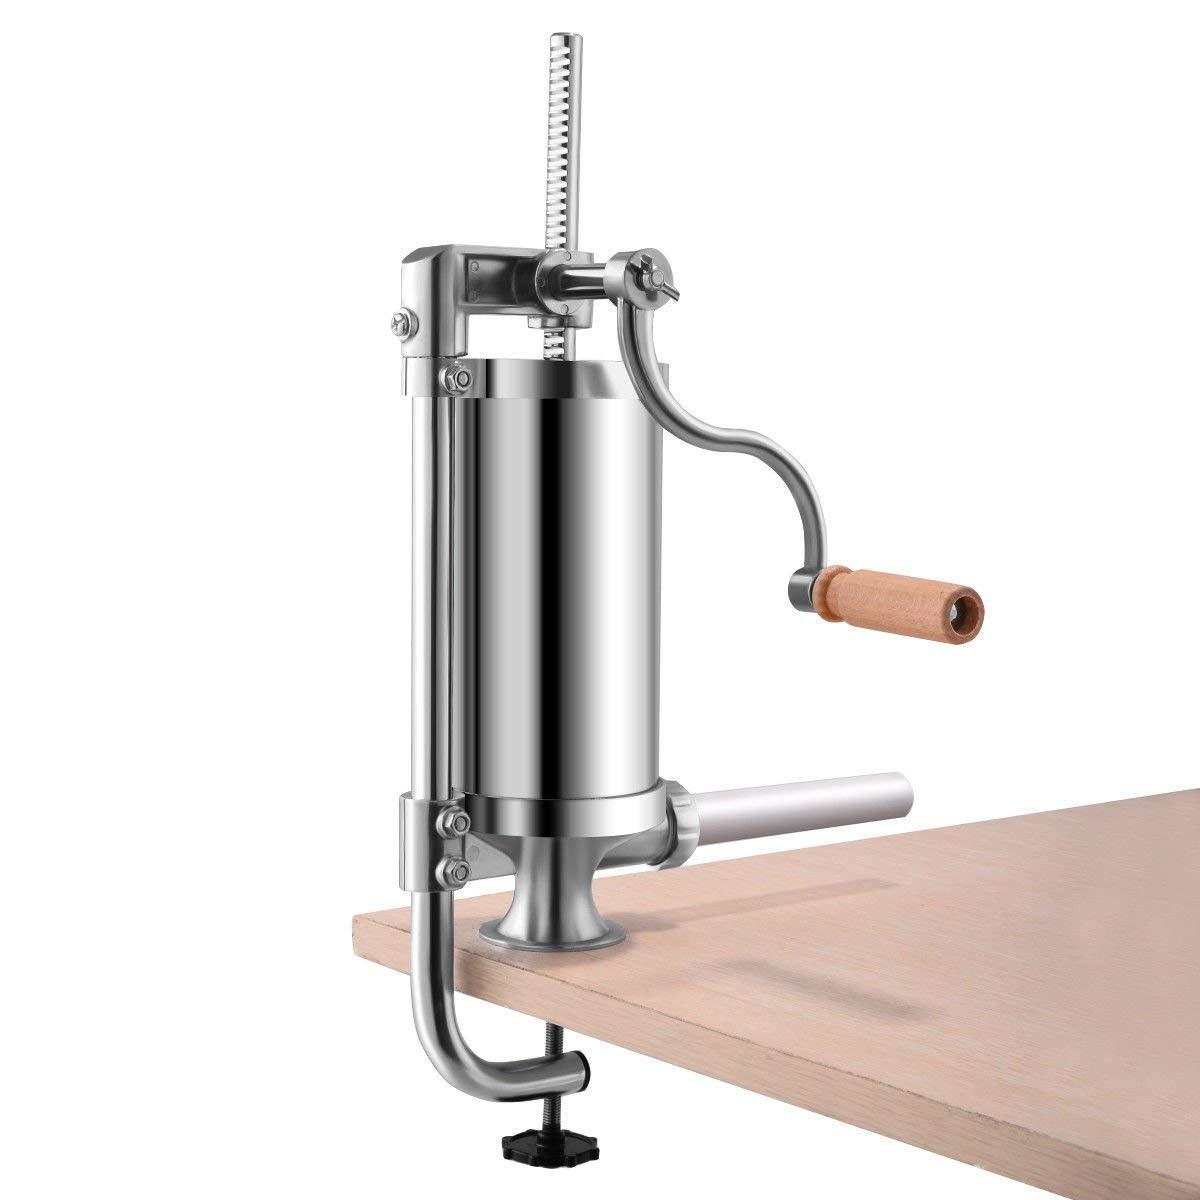 CHEFJOY 1.5L Vertical Sausage Stuffer Maker Stainless Steel Home Commercial Cylinder Filler w/ 4 Tubes Meat Grinder